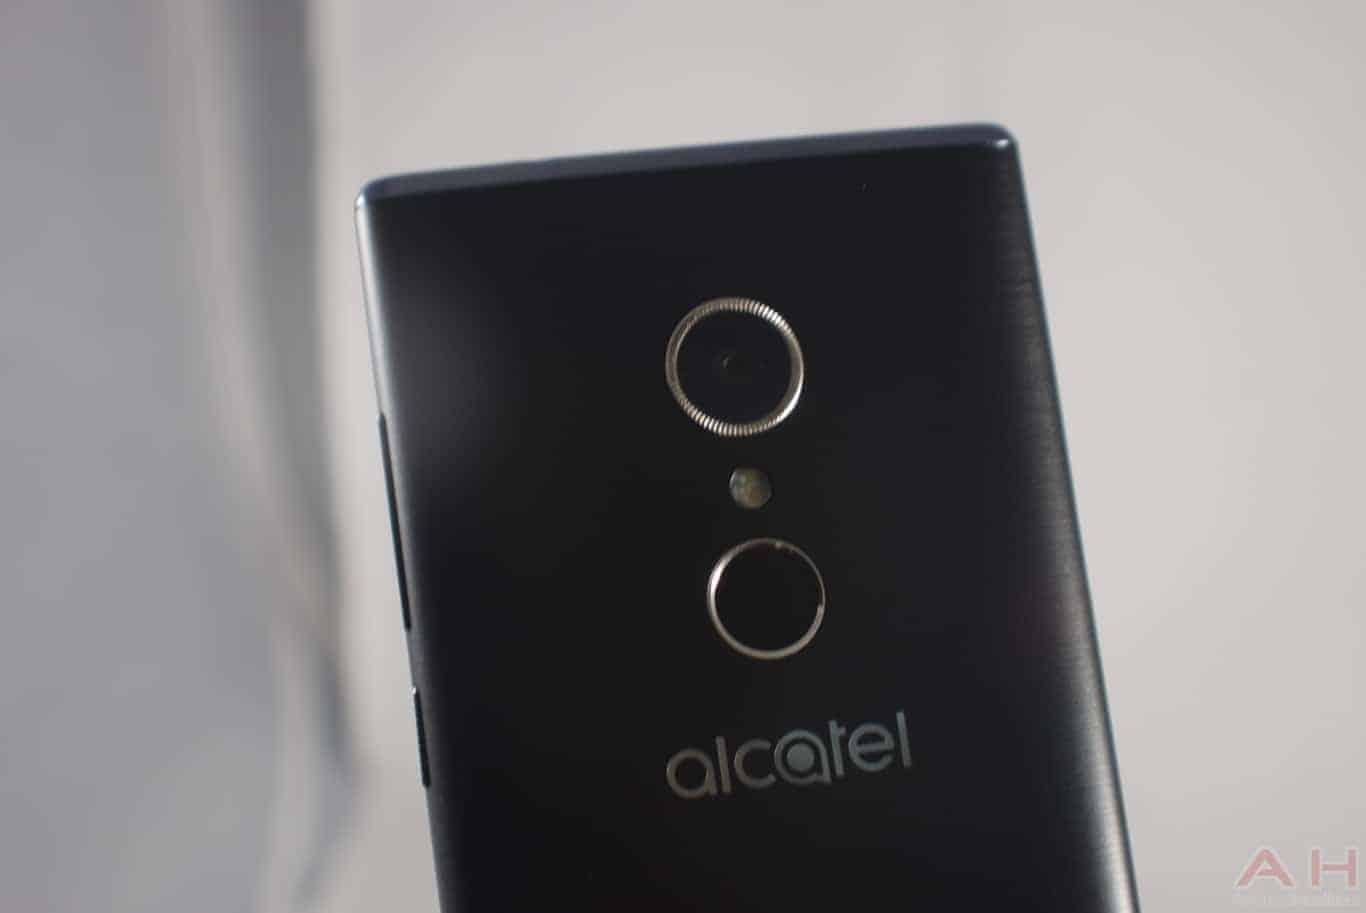 Alcatel 5 CES 2018 AM AH 0225